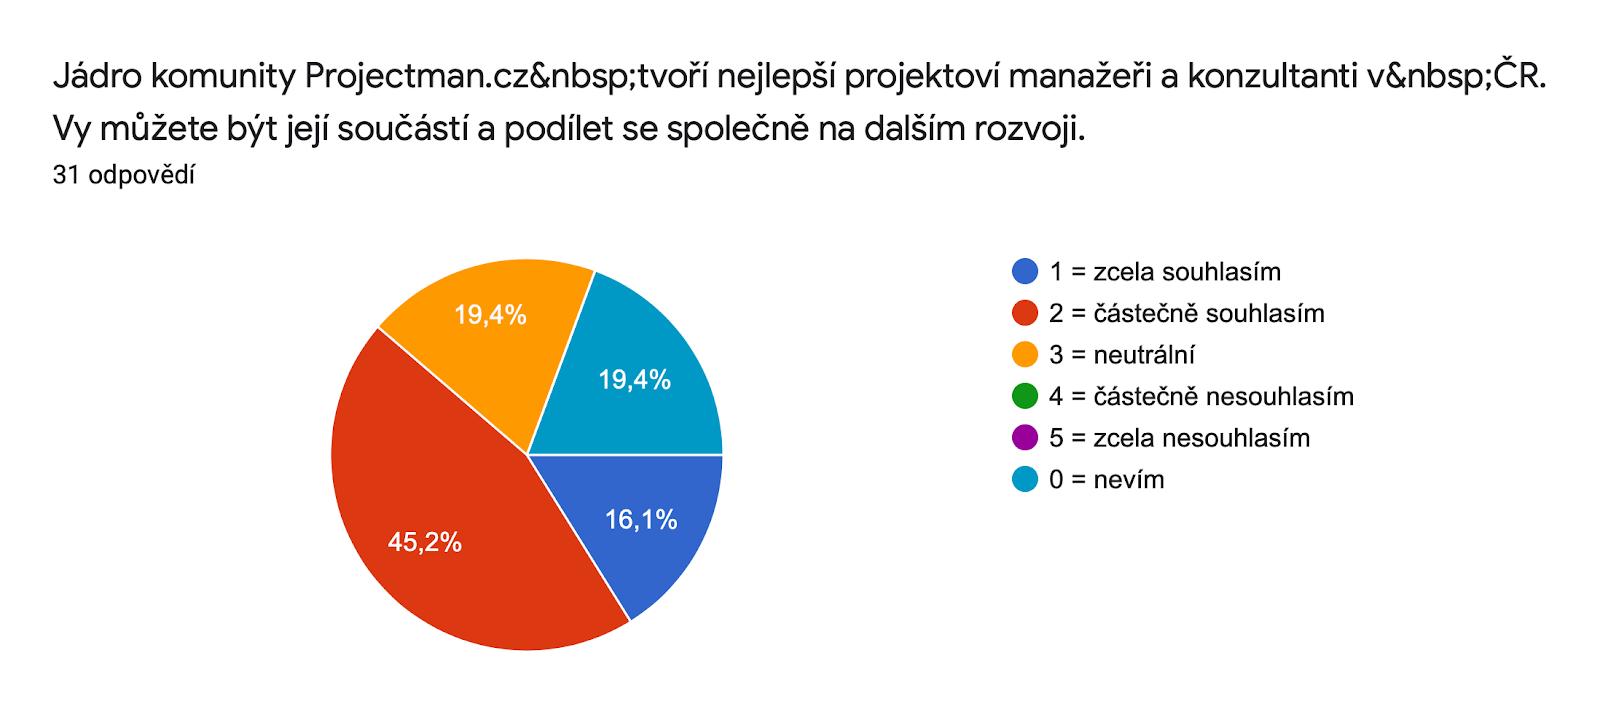 Graf odpovědí Formulářů. Název otázky: Jádro komunity Projectman.cz tvoří nejlepší projektoví manažeři a konzultanti v ČR. Vy můžete být její součástí a podílet se společně na dalším rozvoji.. Počet odpovědí: 31 odpovědí.